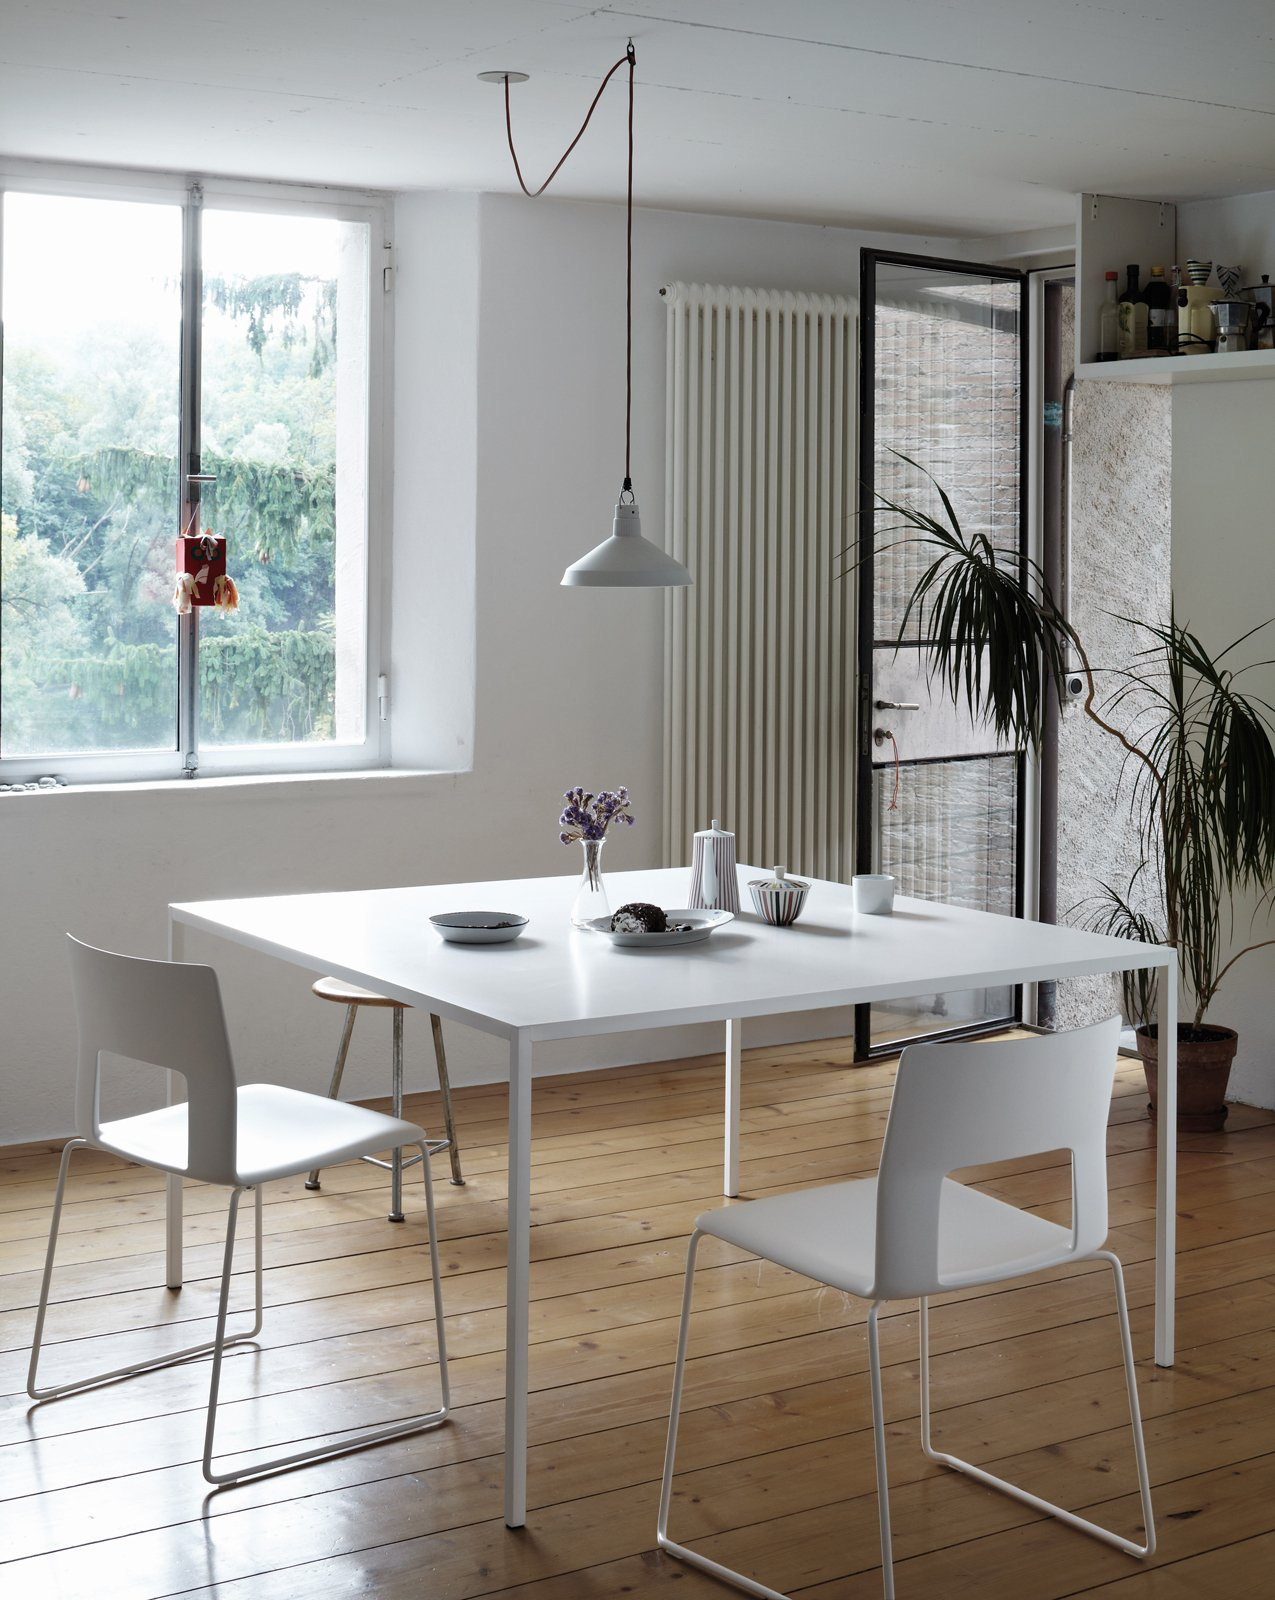 Tavolo bianco da abbinare a tutto cose di casa - Tavolo con sedie per cucina ...